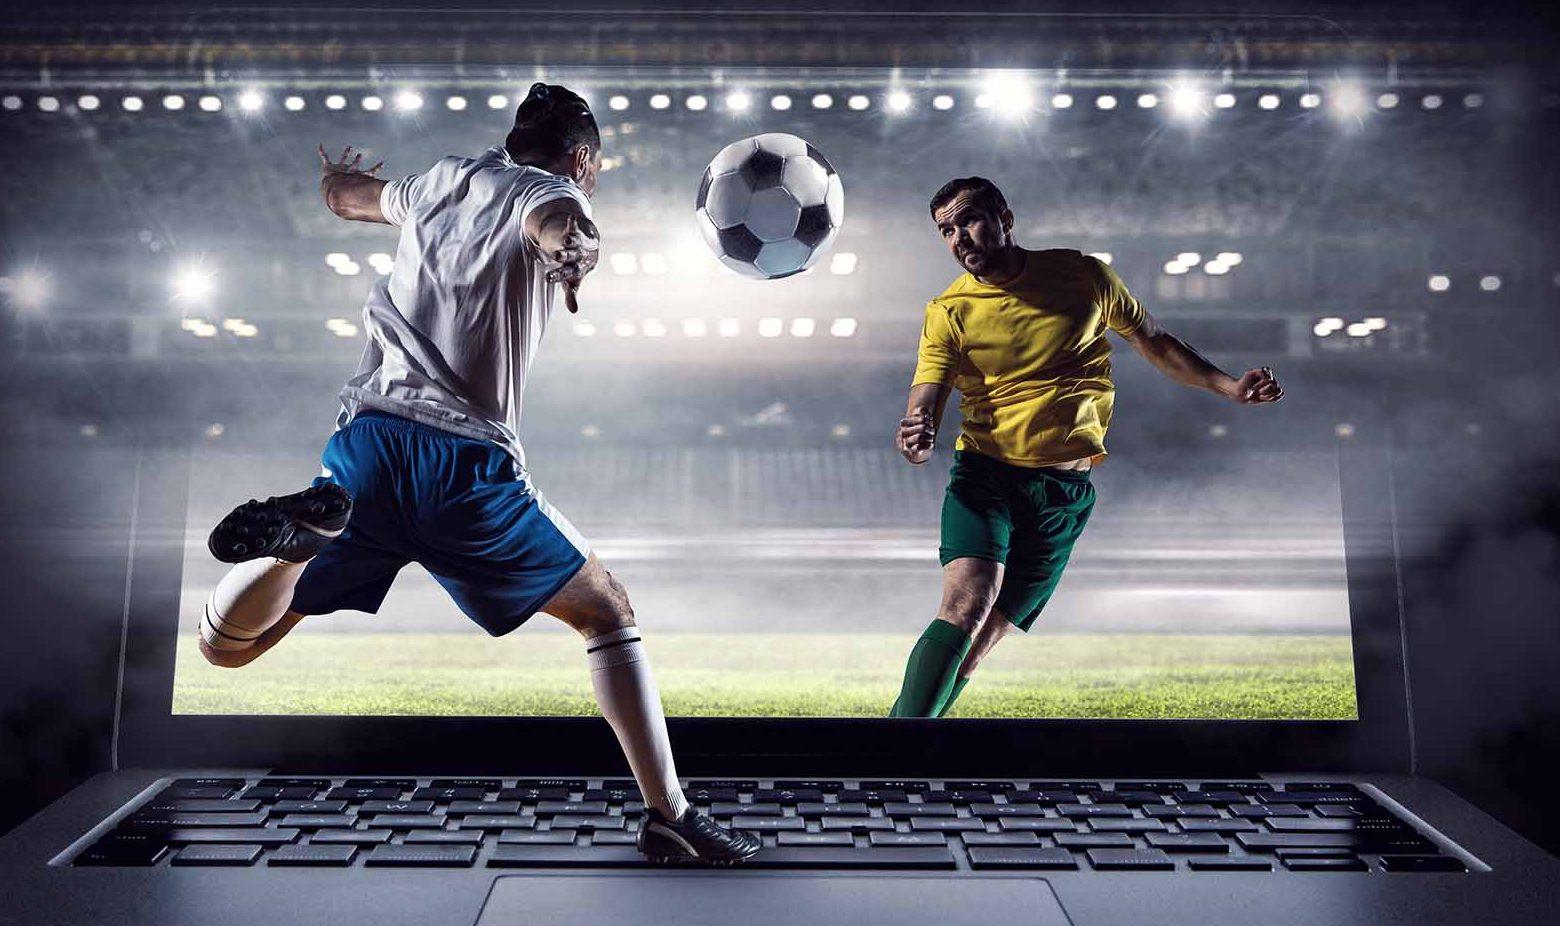 Как заработать на ставках на спорт — реальные способы в Интернете